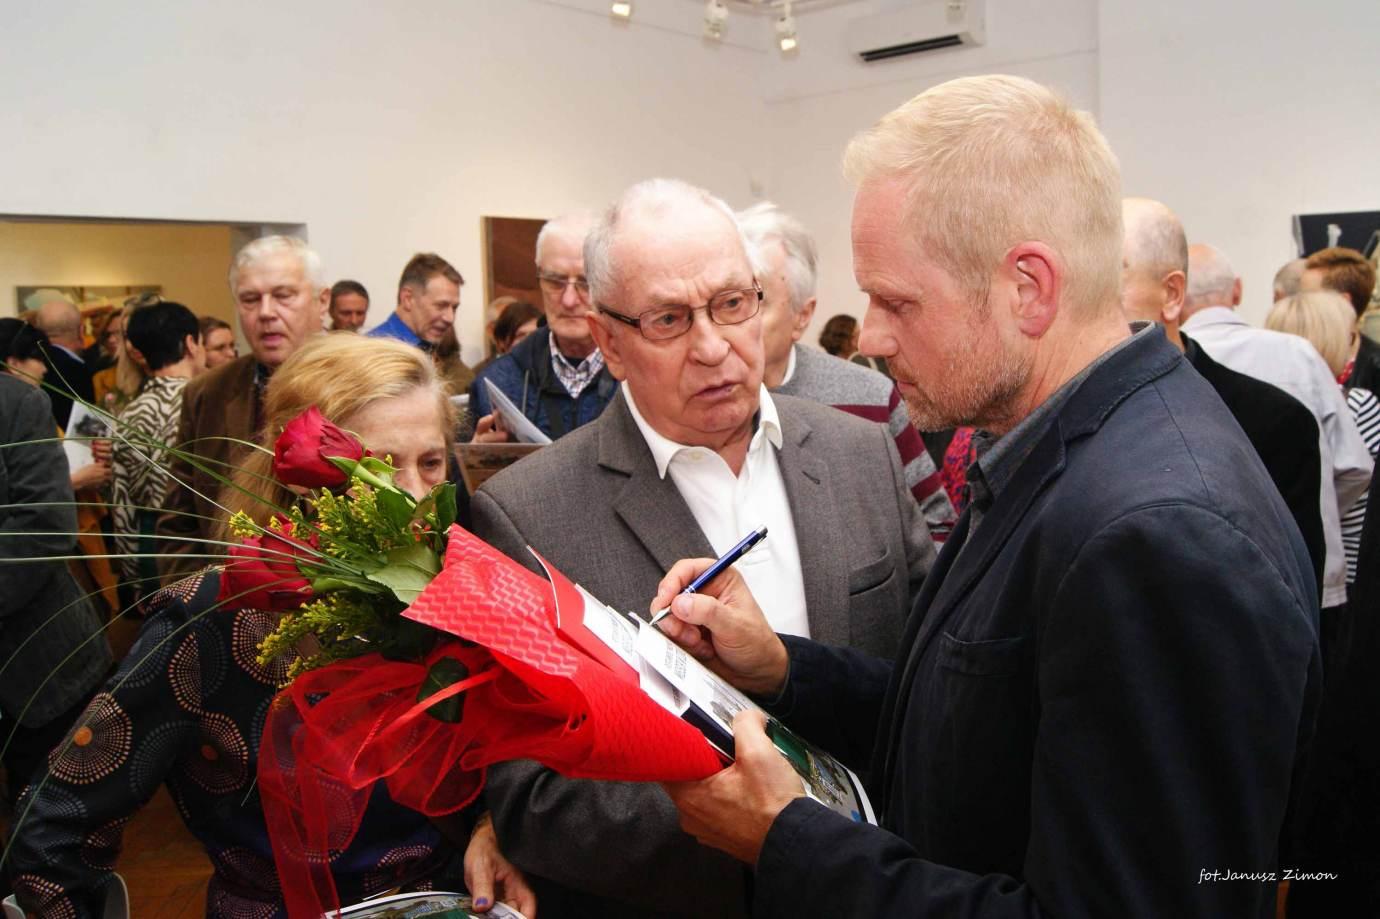 piotr tymochowicz bwa galeria zamojska fot janusz zimon 19 Zamość: Wernisaż wystawy Piotra Tymochowicza